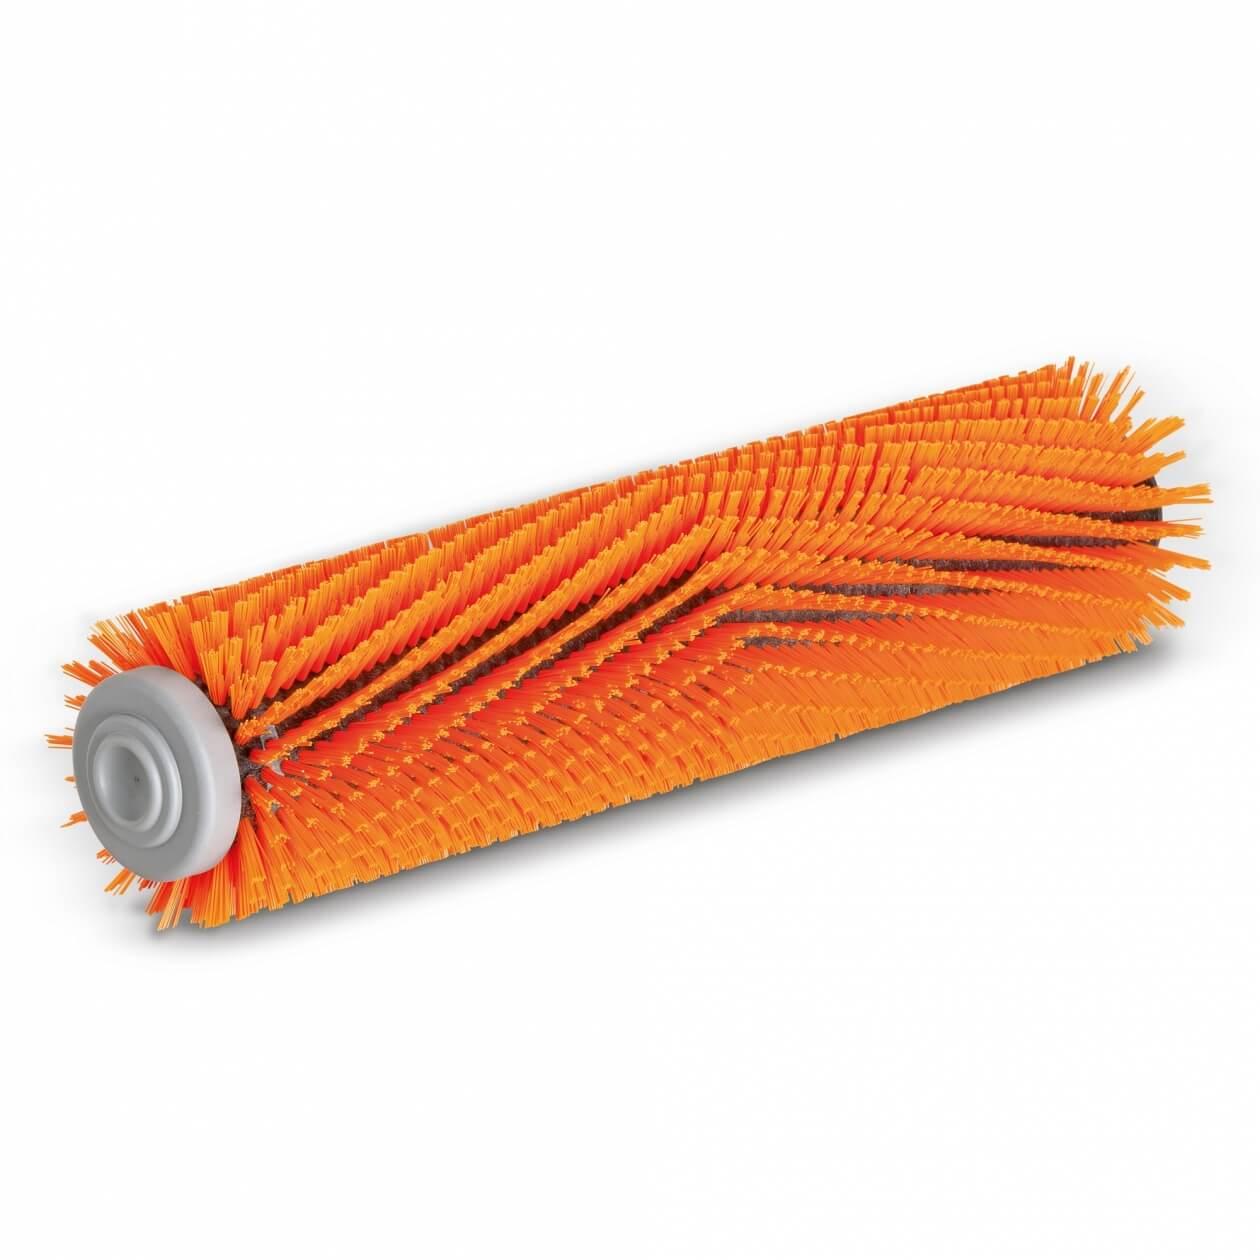 Image of   Kärcher, børstevalse, høj / lav, orange, 550 mm - 47624100